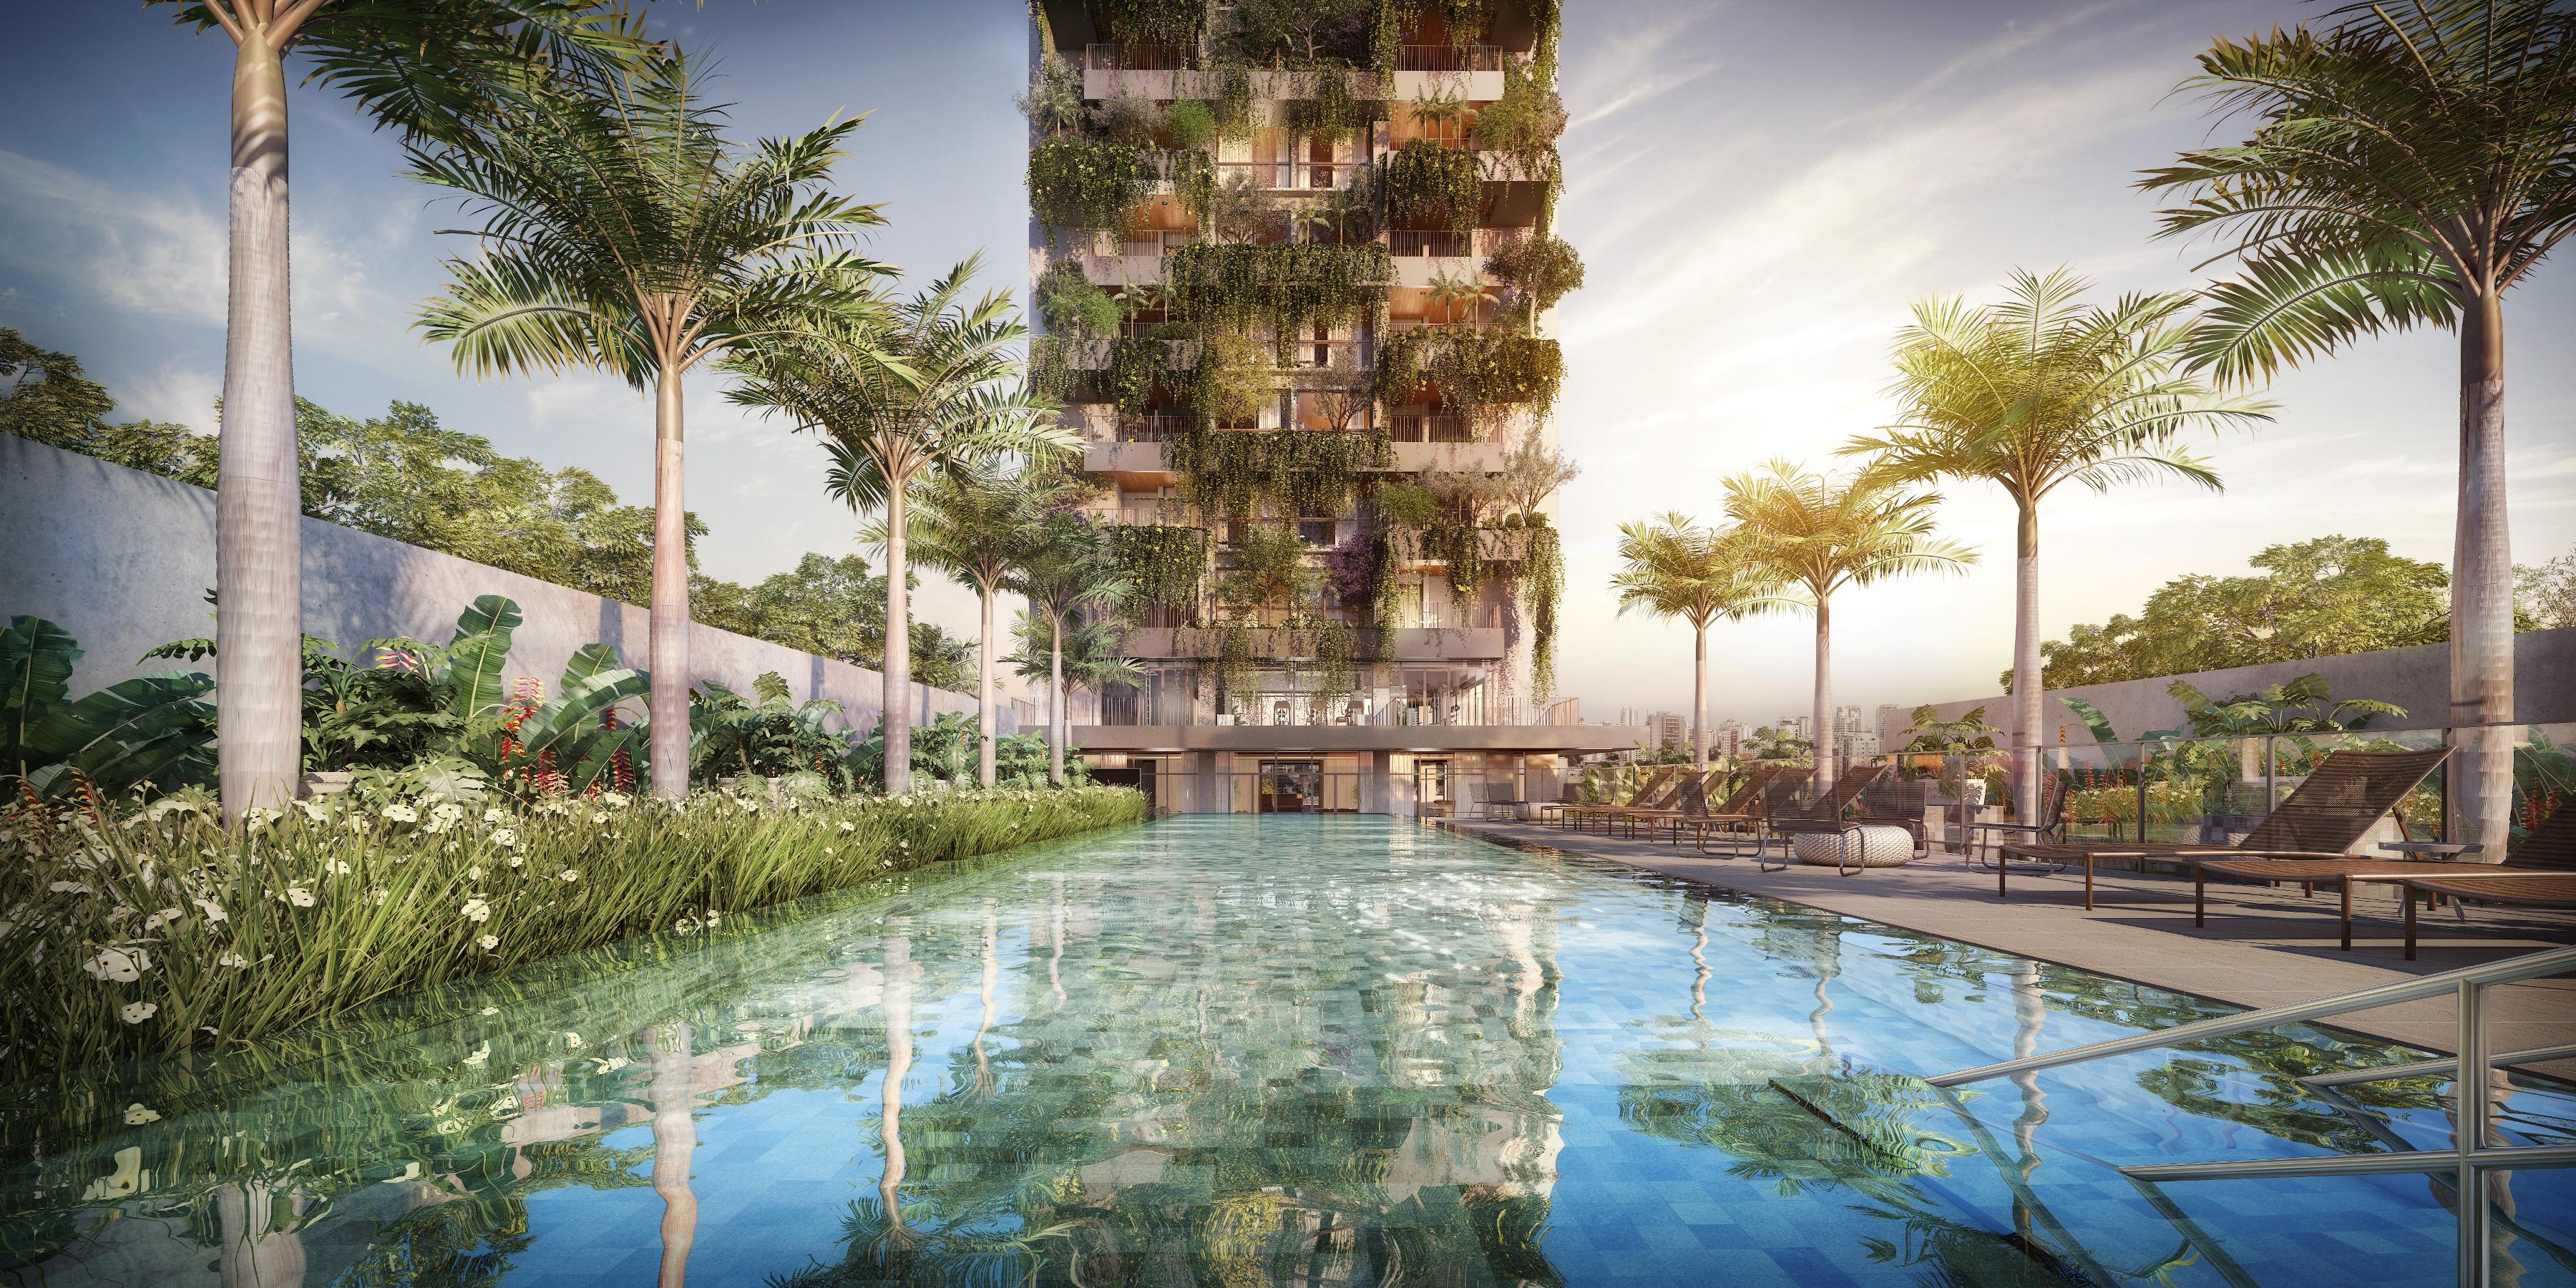 Seed - fachada com piscina - alta